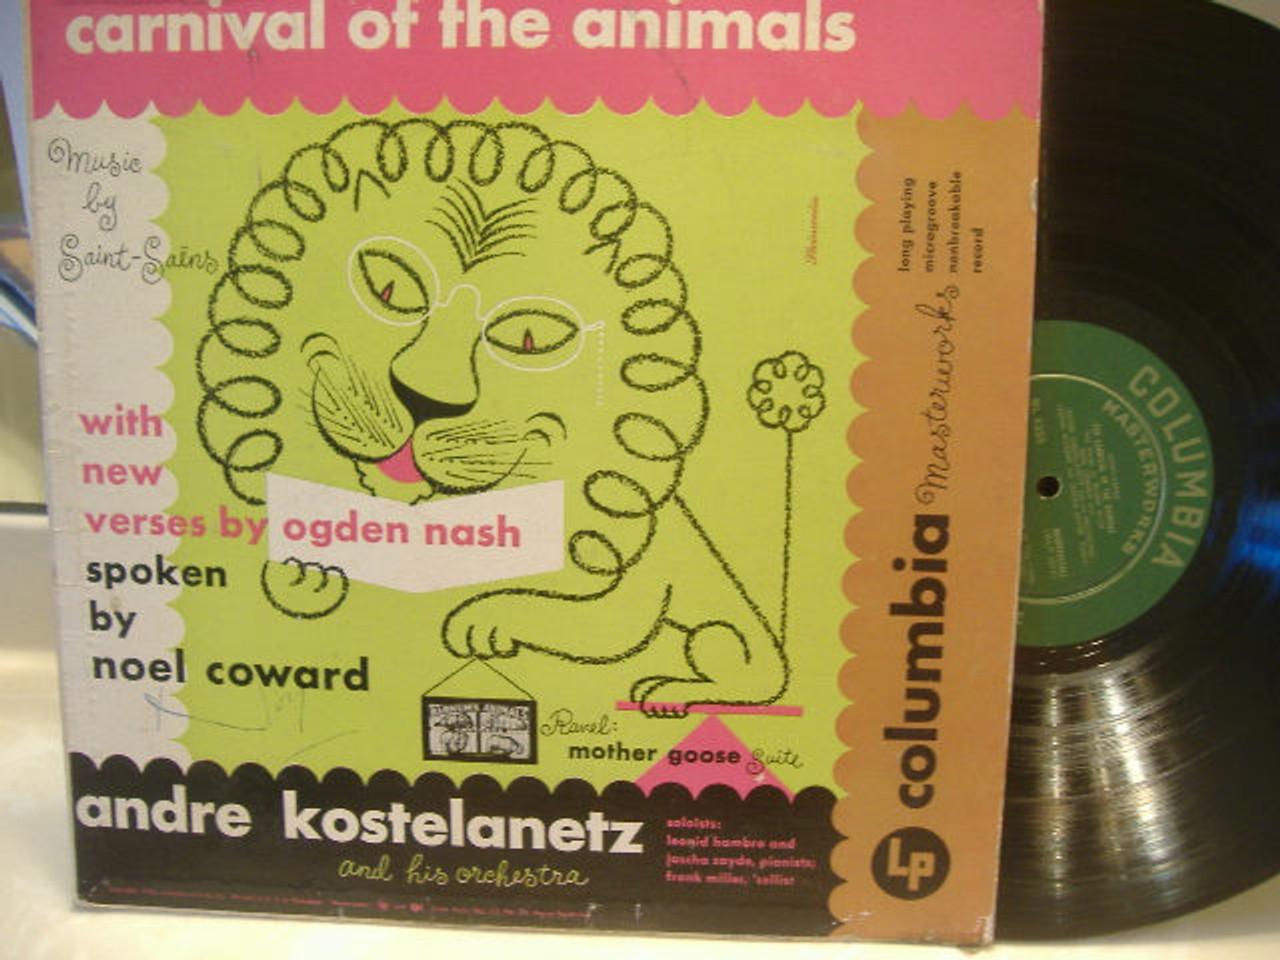 Coward, Noel LP Signed Autograph Carnival Of The Animals Ogden Nash